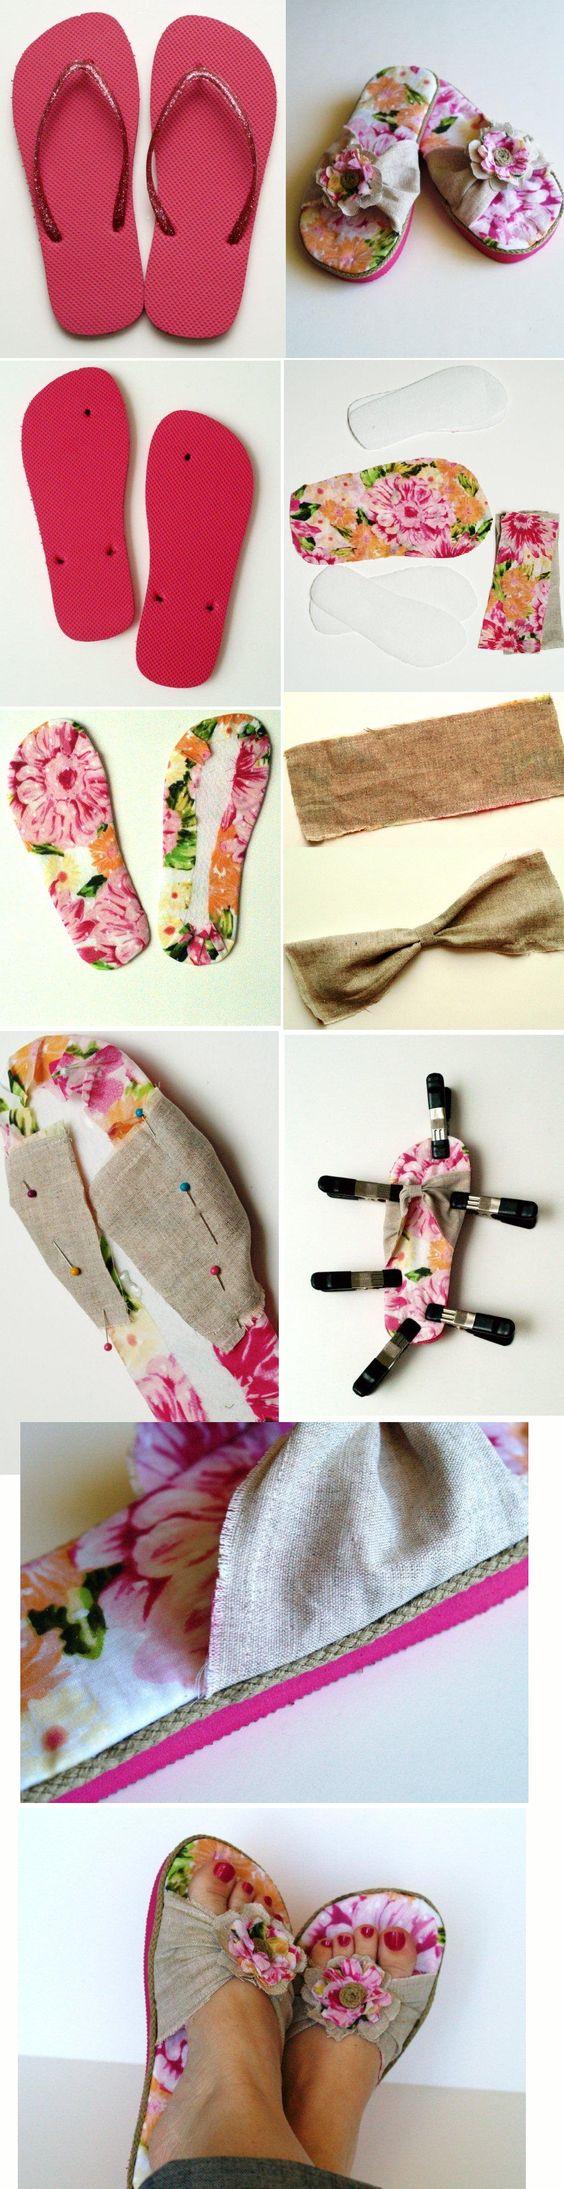 Flip-Flop Refashion - | Flip flops and DIY and crafts